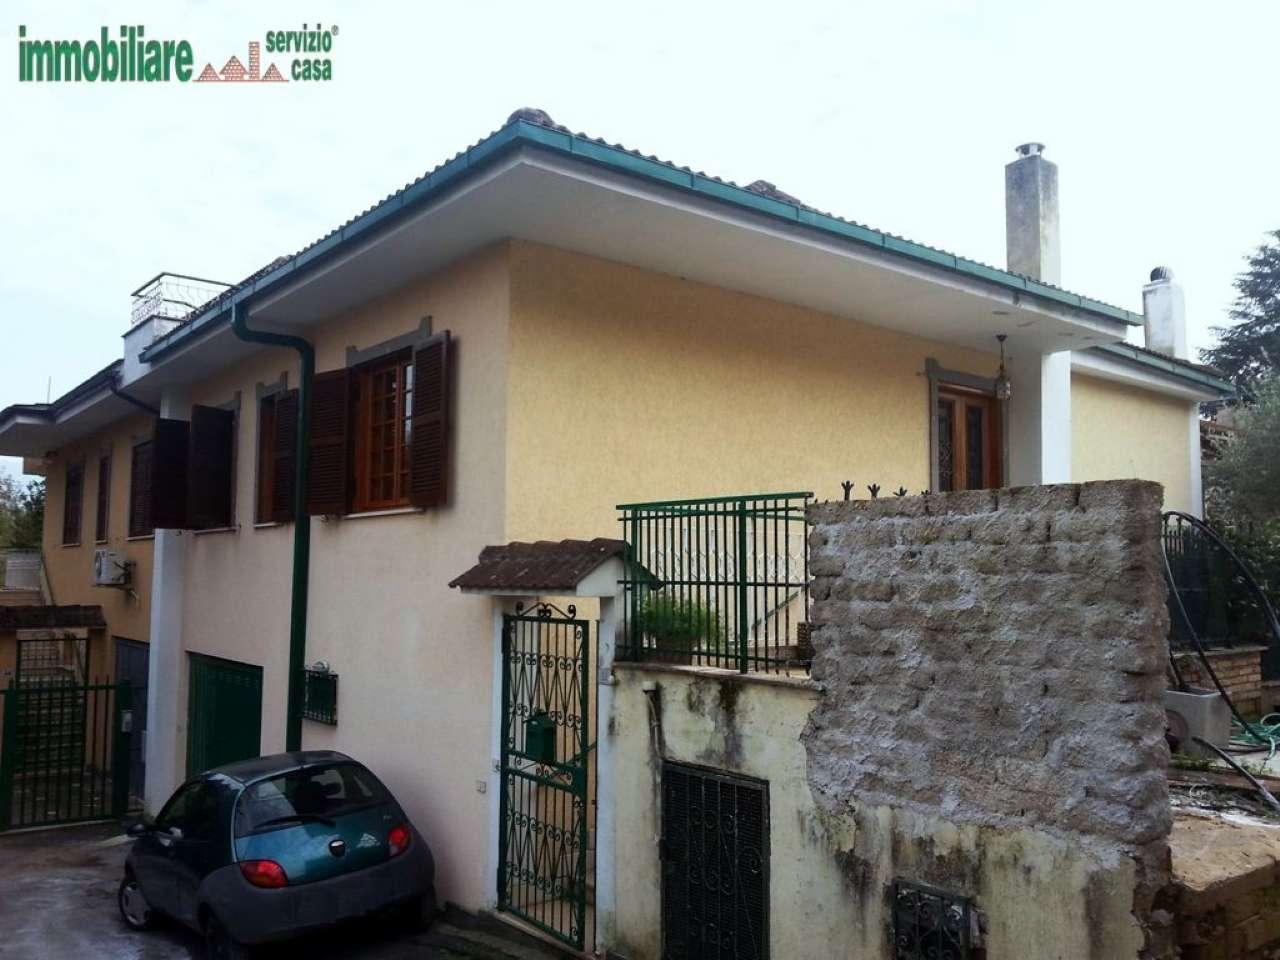 Villa Bifamiliare in vendita a San Polo dei Cavalieri, 6 locali, prezzo € 180.000 | CambioCasa.it